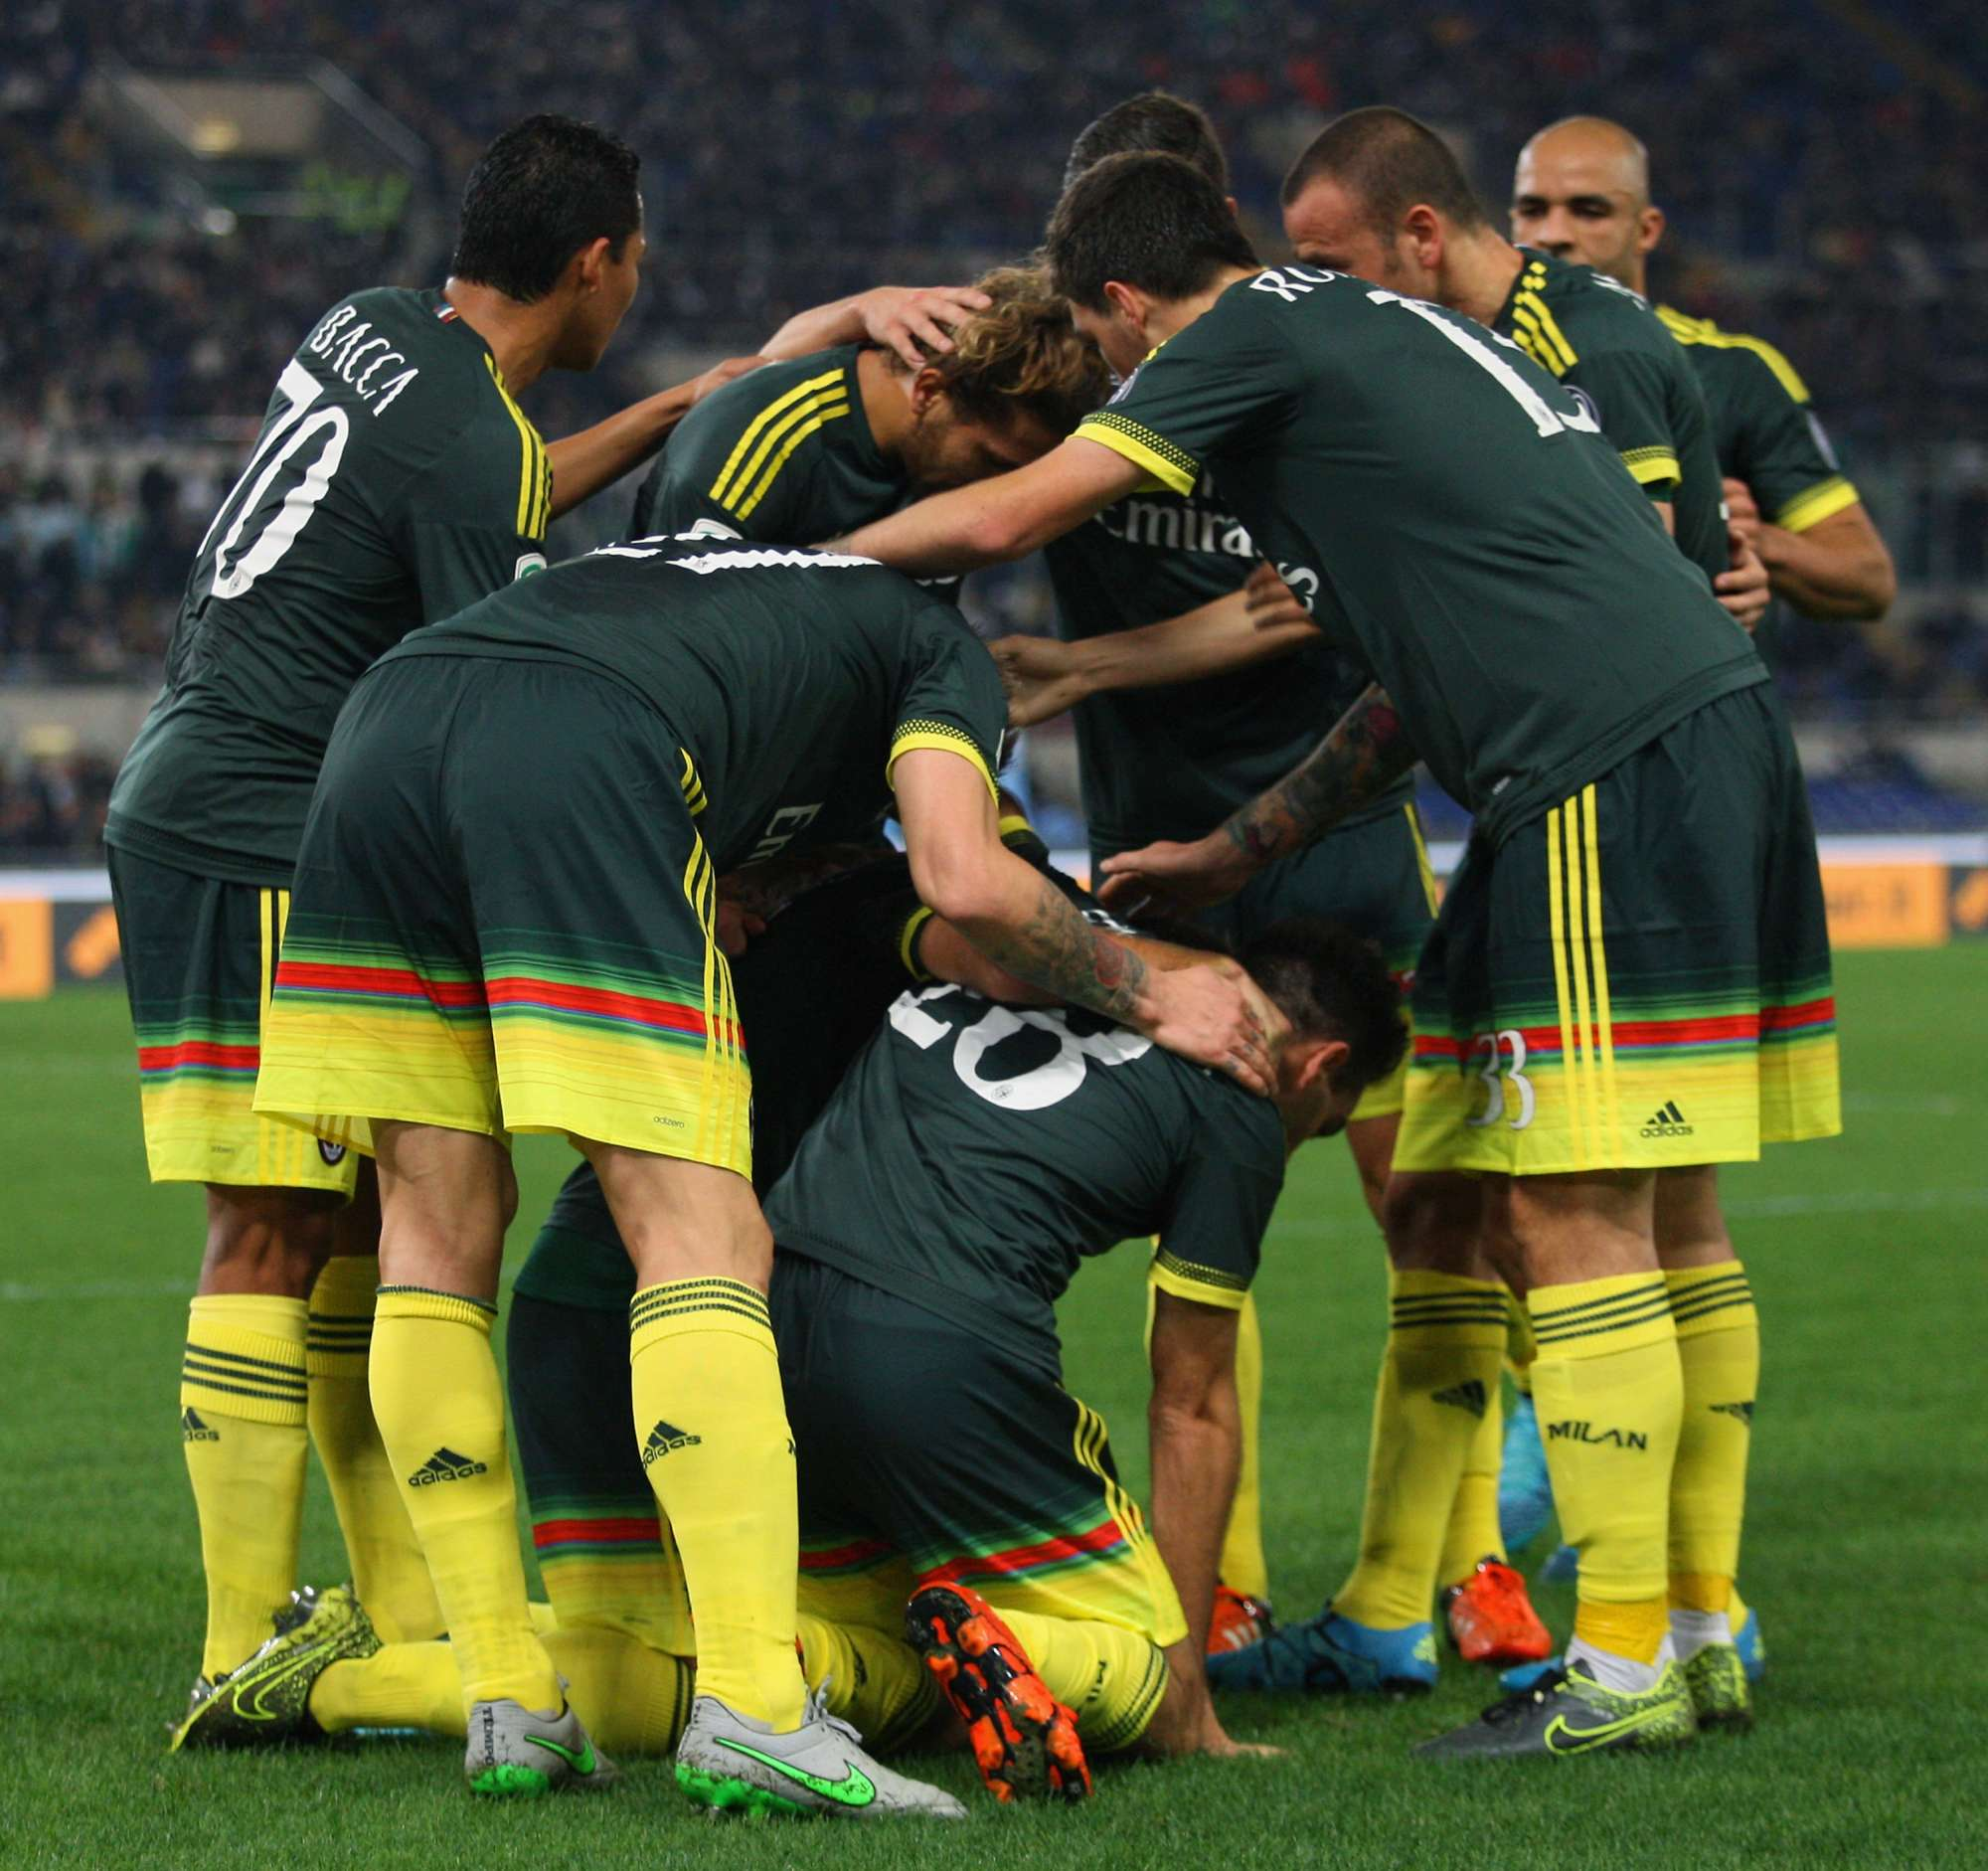 Il Milan festeggia il gol di Bertolacci